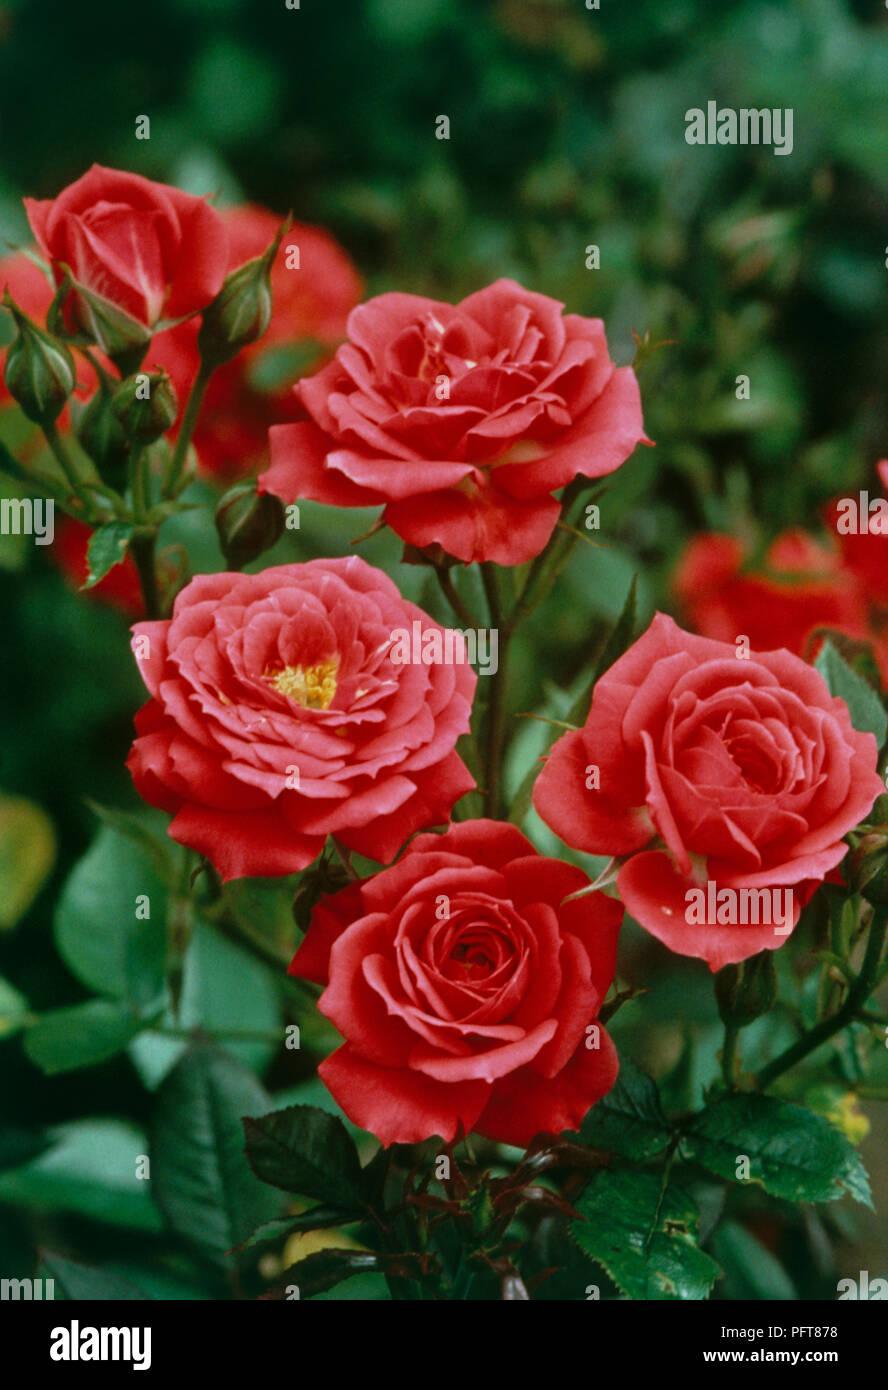 Fiori Tipo Rose.I Fiori Di Rosa Heri Anne Un Tipo Di Rose In Miniatura Foto